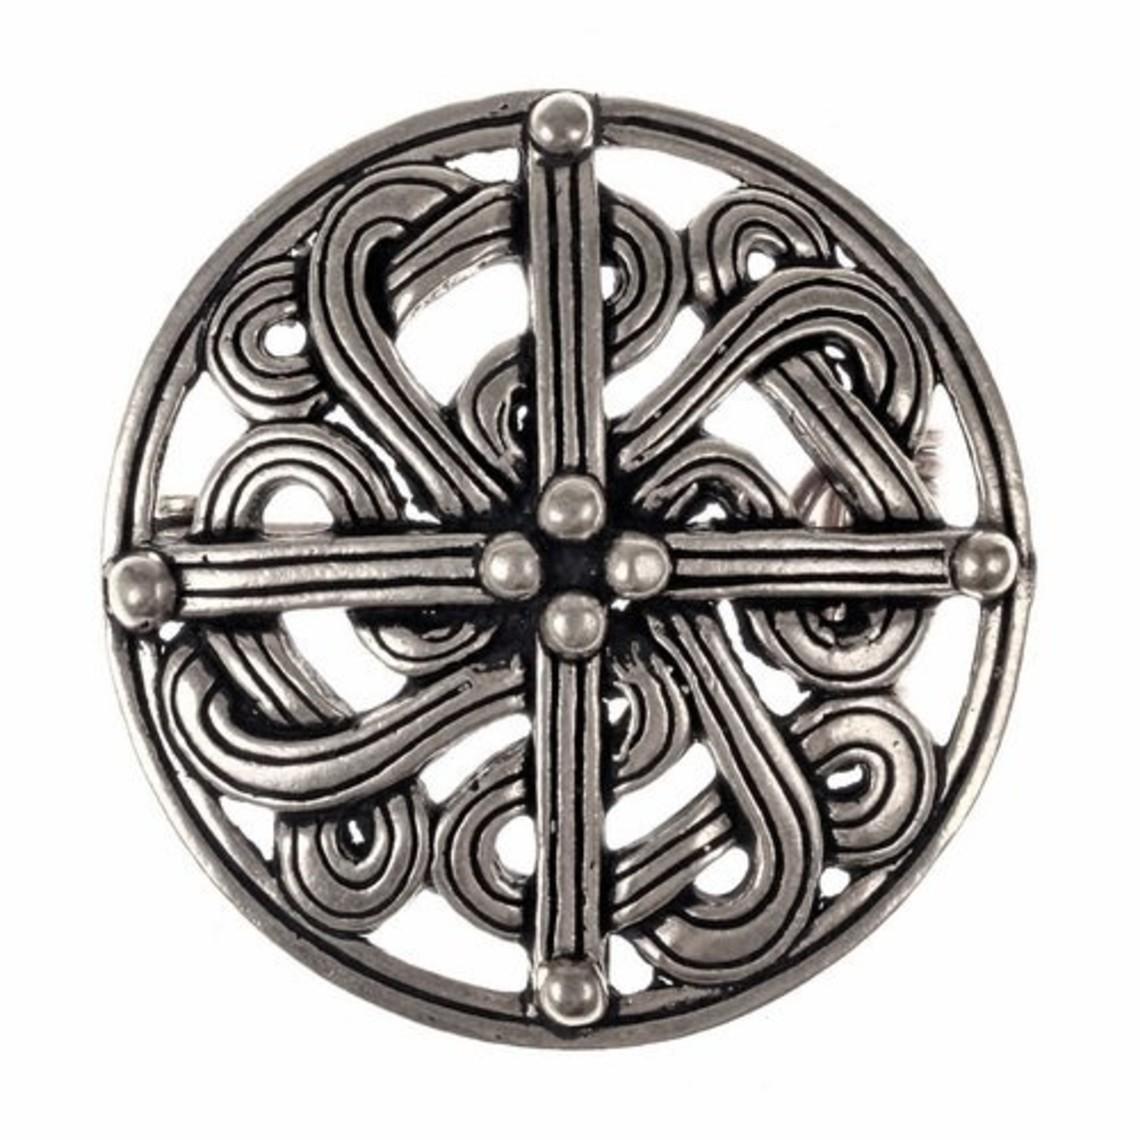 Broche Viking du 10ème siècle, argentée